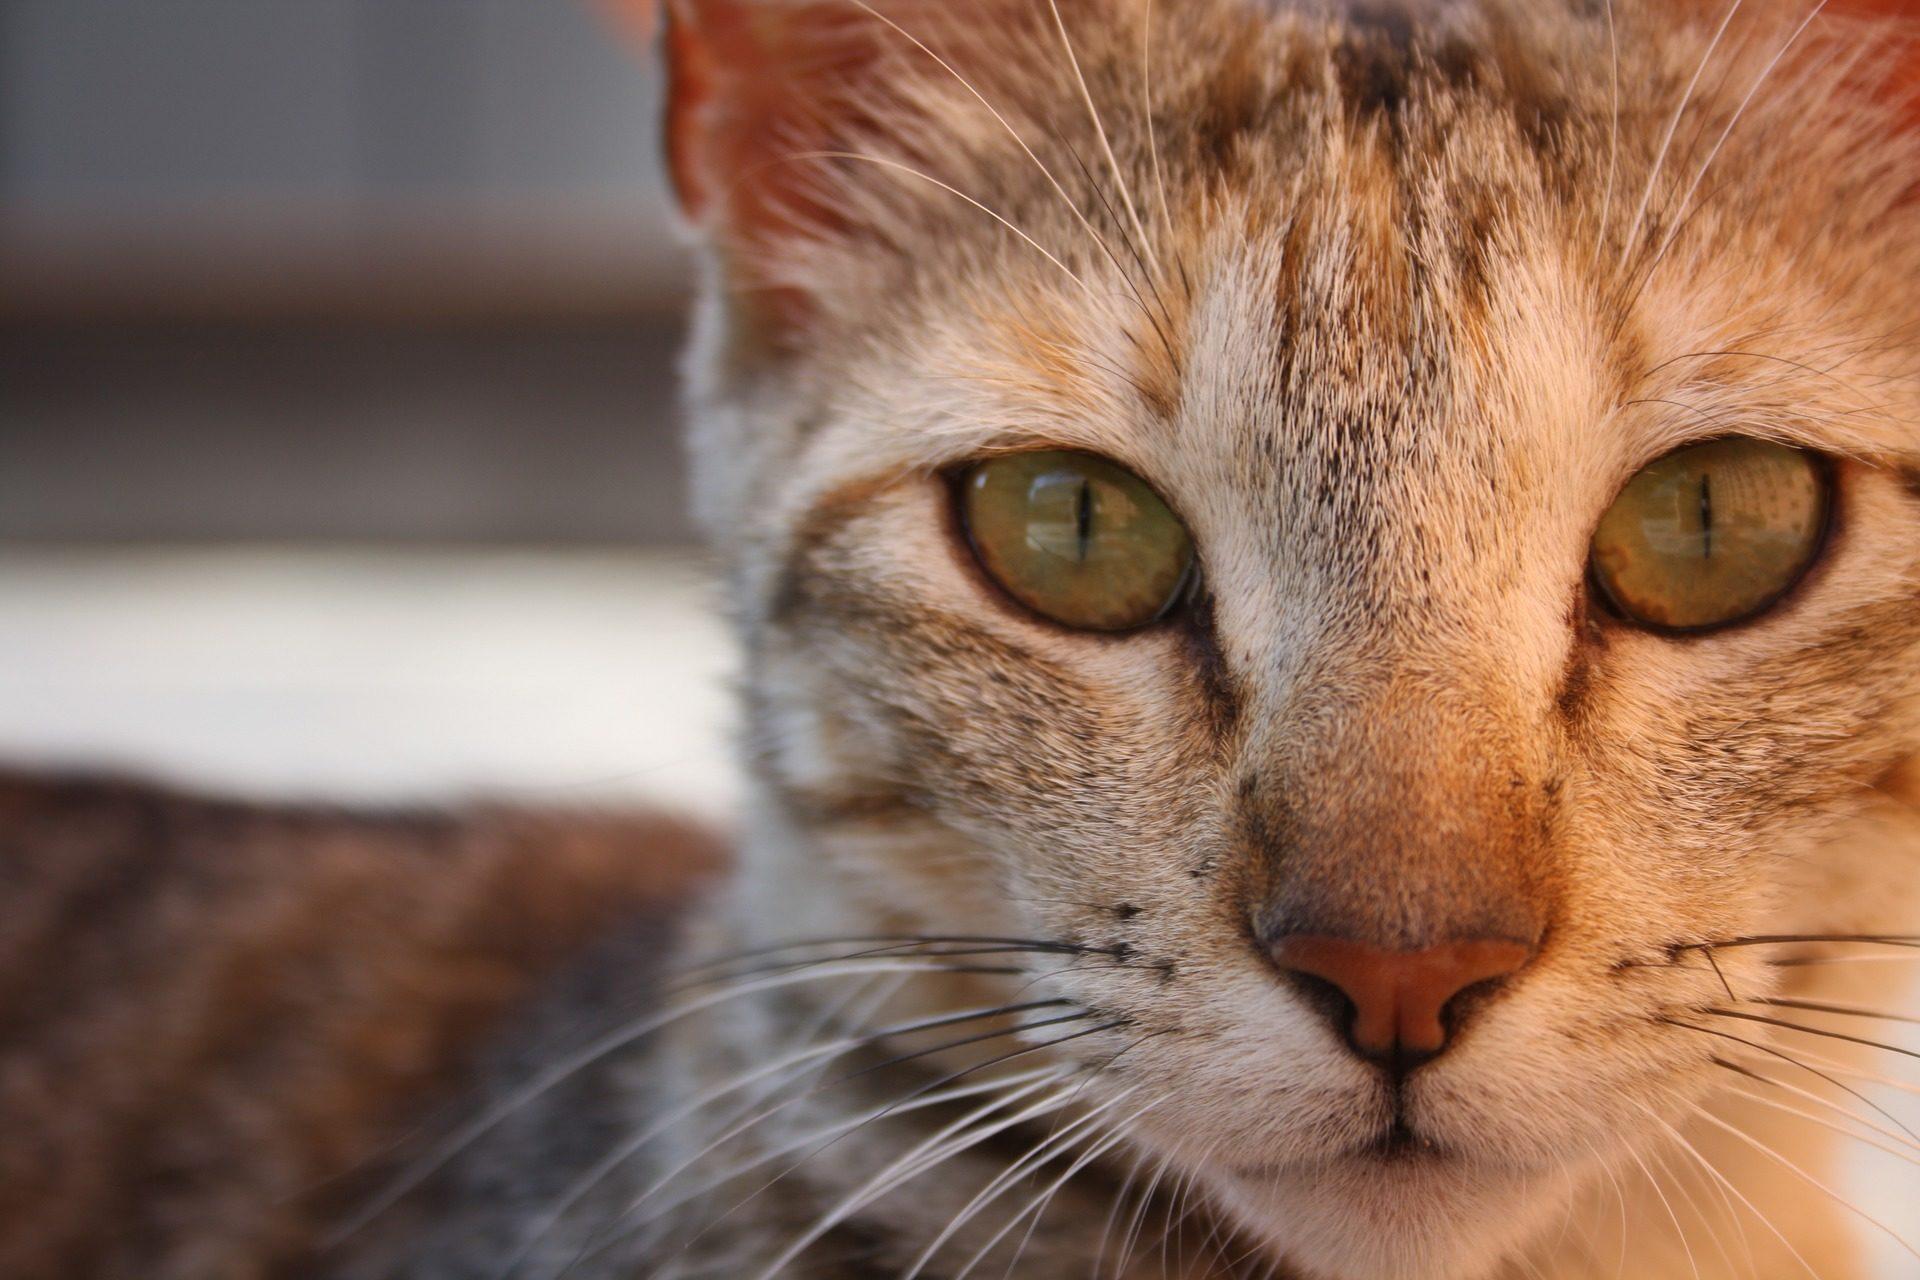 γάτα, αιλουροειδών, Κατοικίδιο ζώο, ,Κοίτα, τα μάτια, μουστάκια, σχετικά με - Wallpapers HD - Professor-falken.com